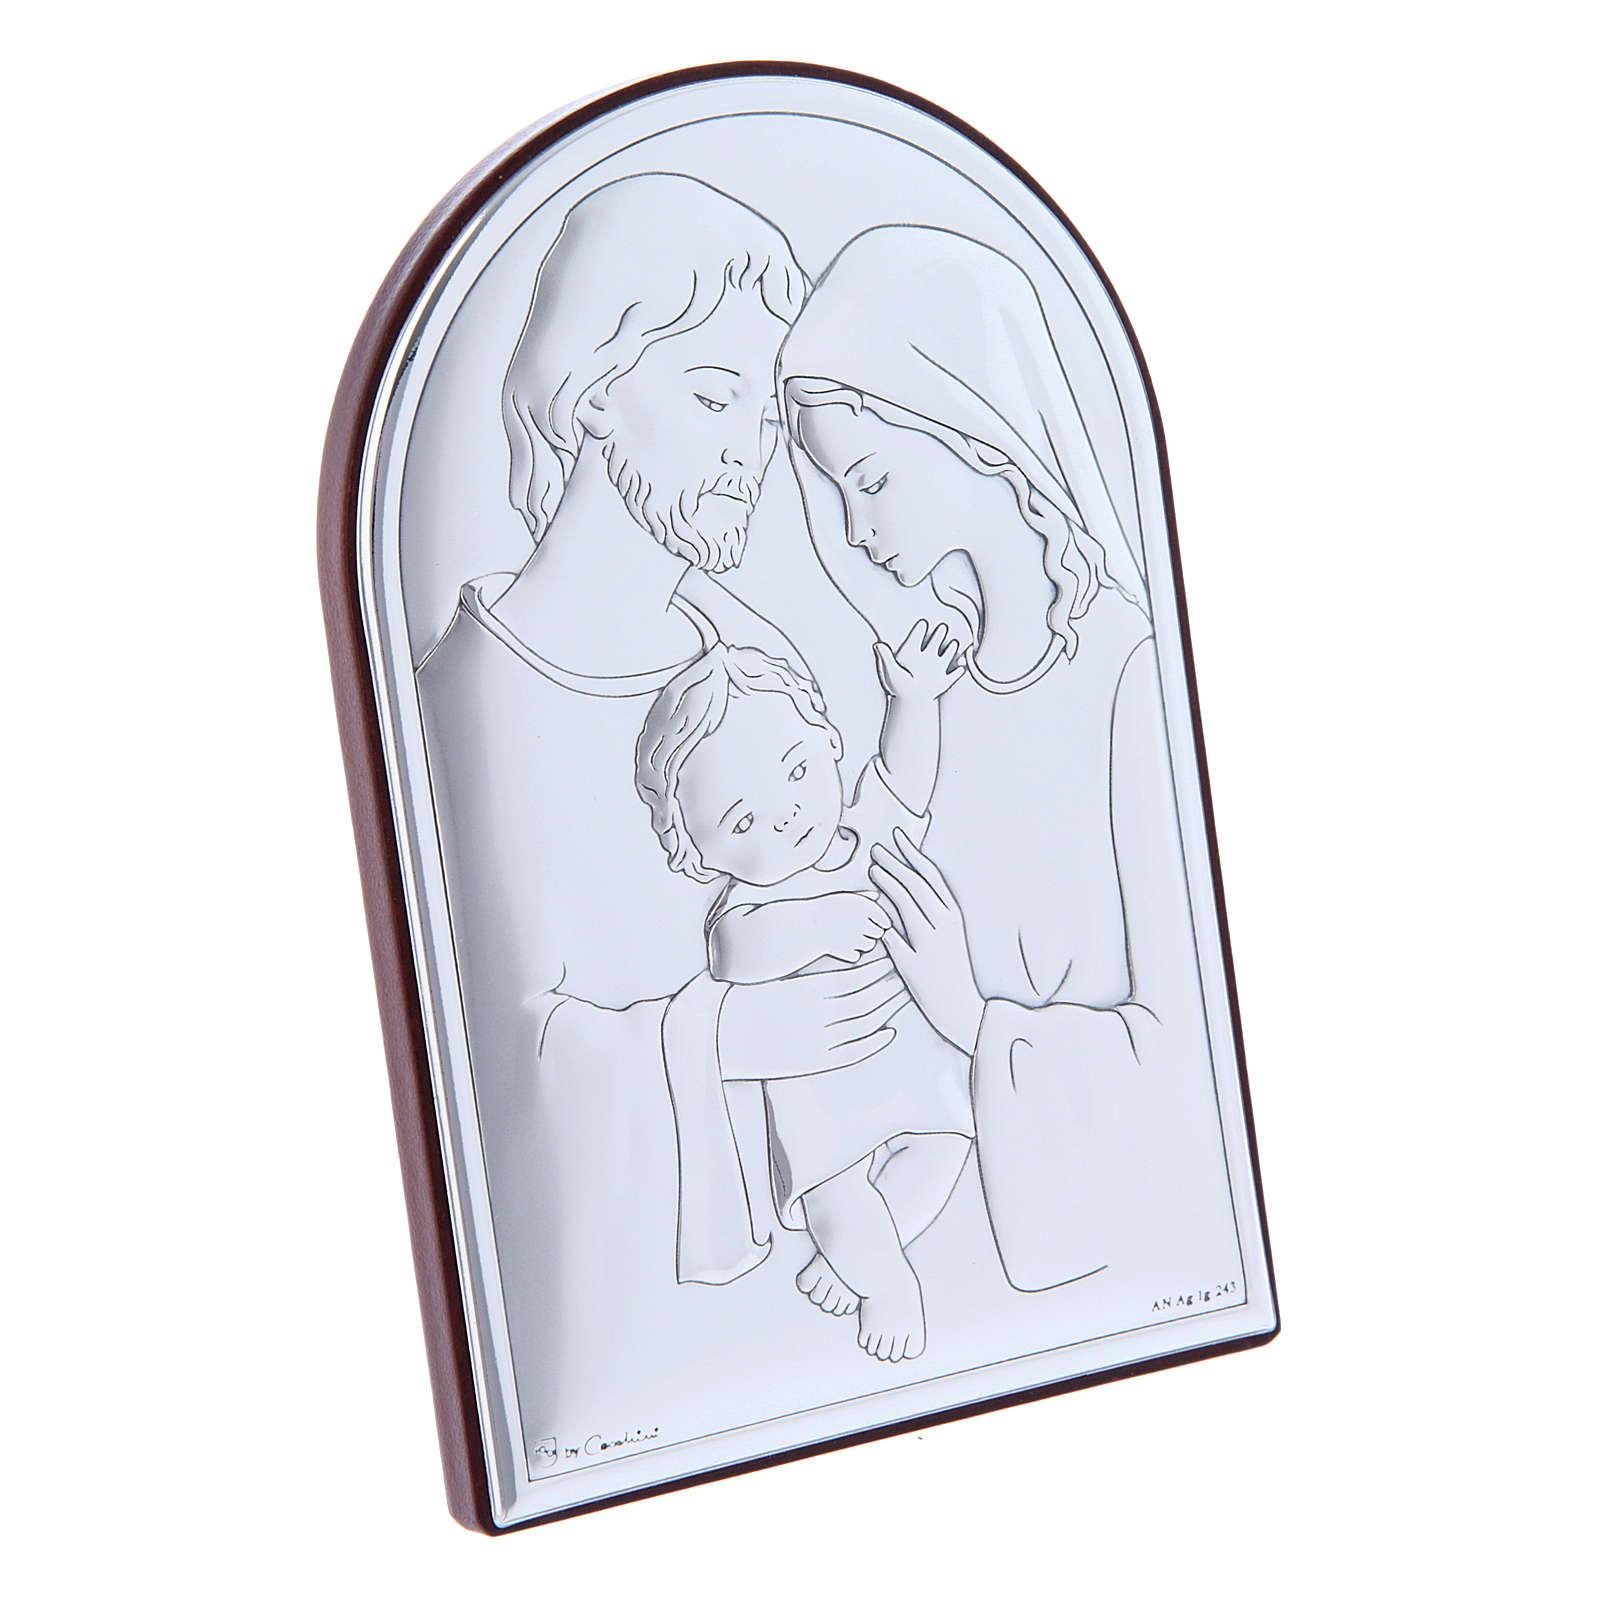 Cuadro de bilaminado con parte posterior de madera preciosa Sagrada Familia 12x8 cm 4